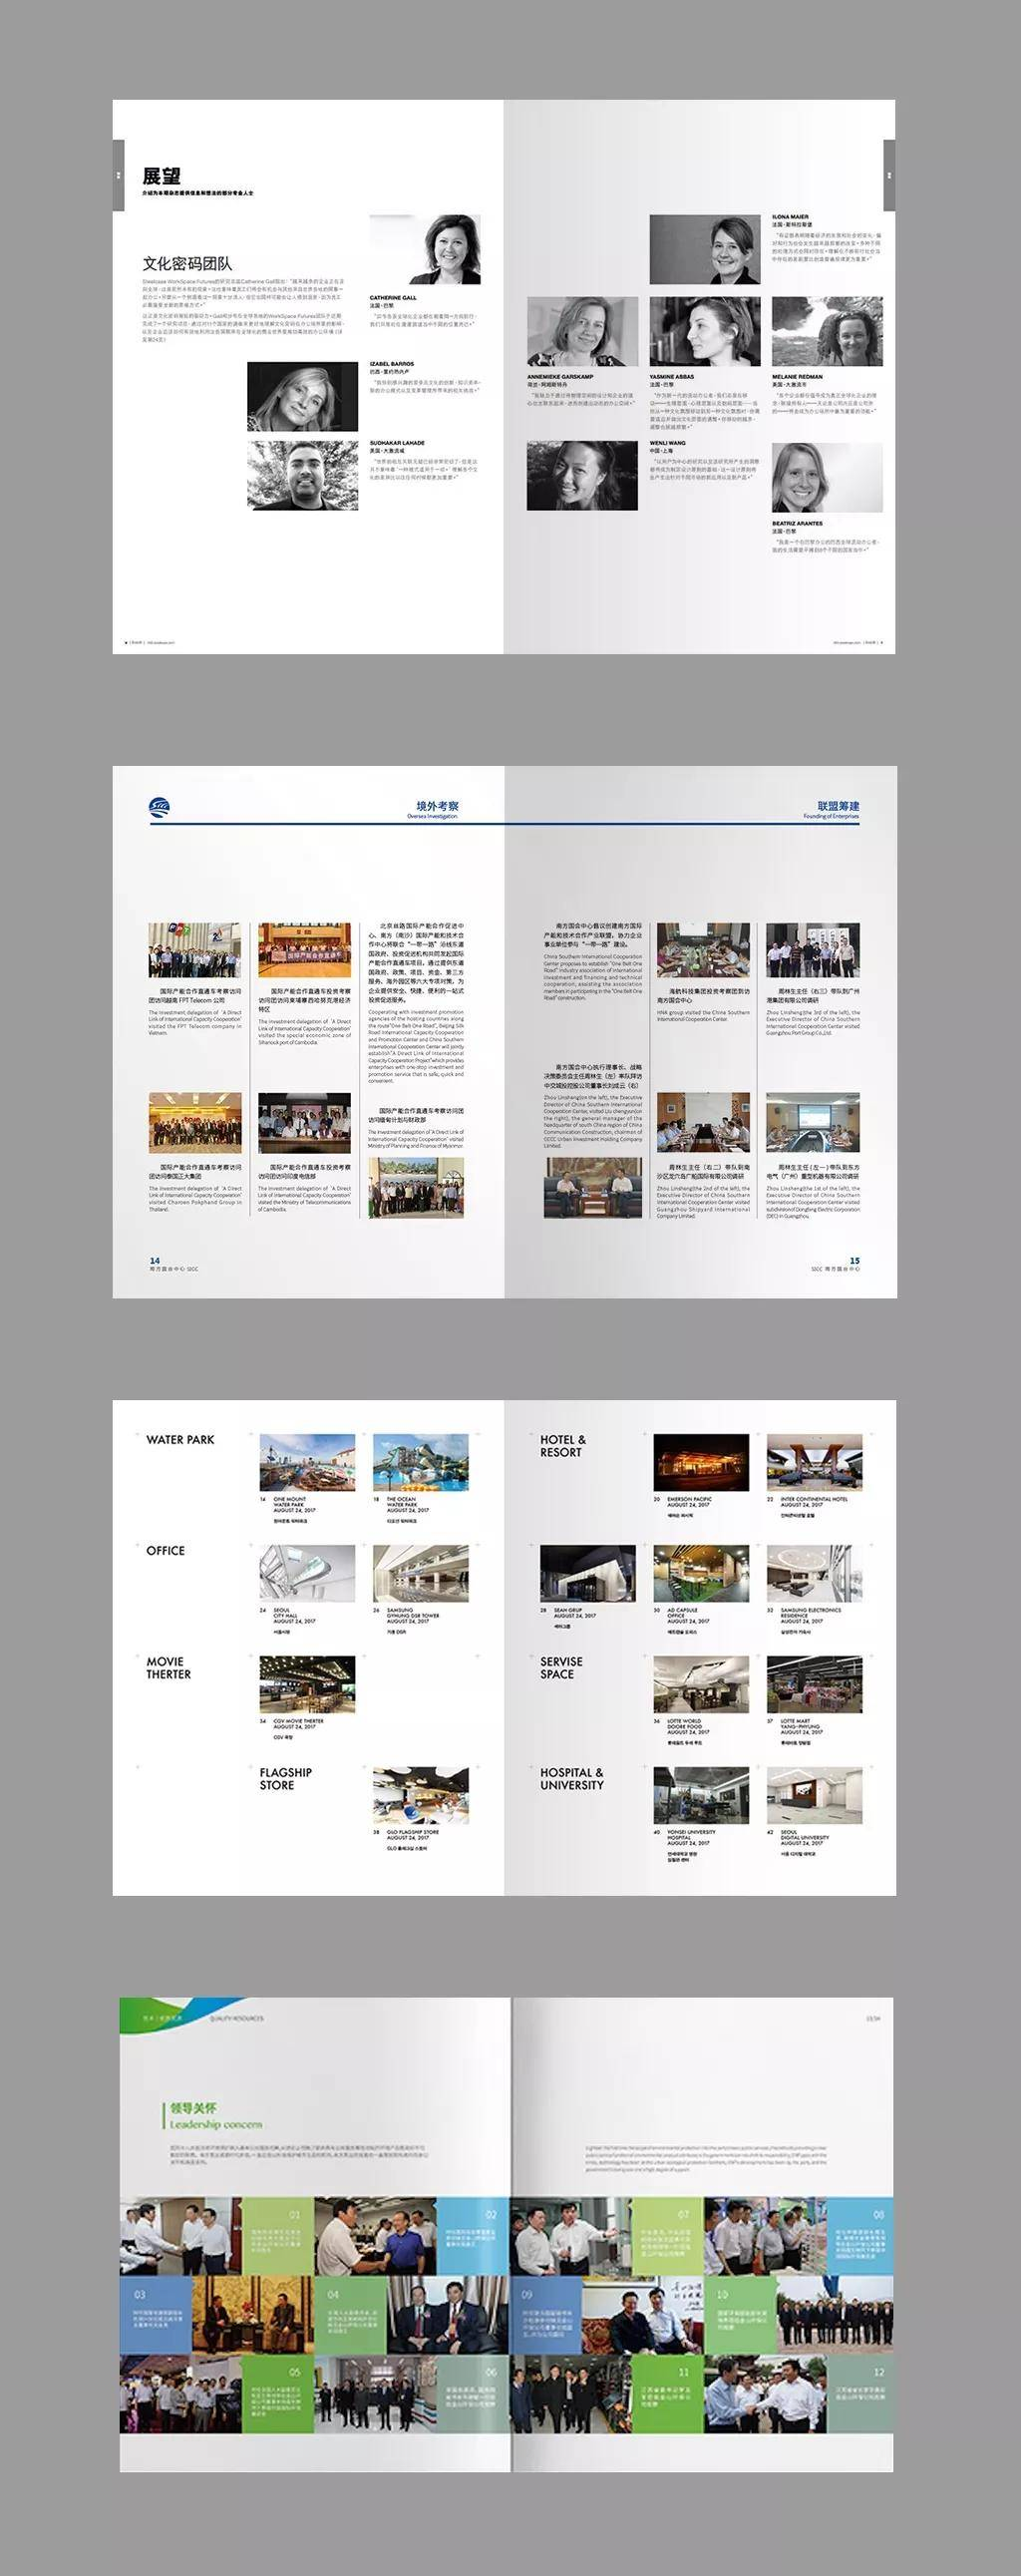 专业的平面设计如何设计好画册排版